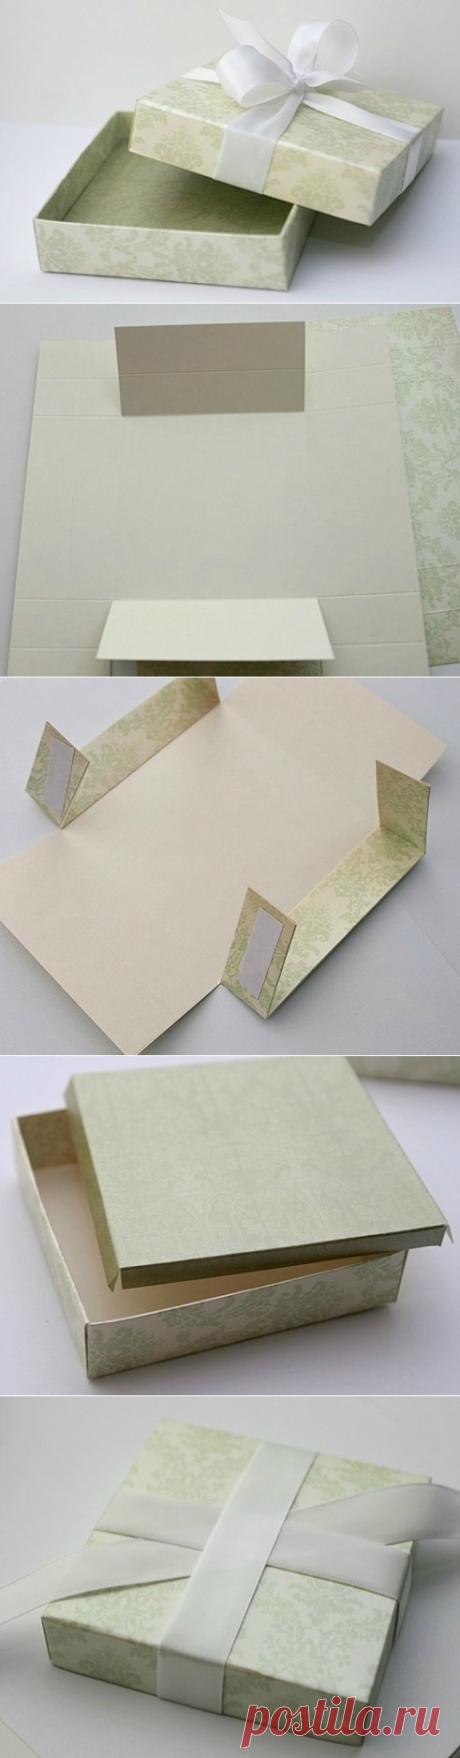 Коробочка с бантом для упаковки подарка